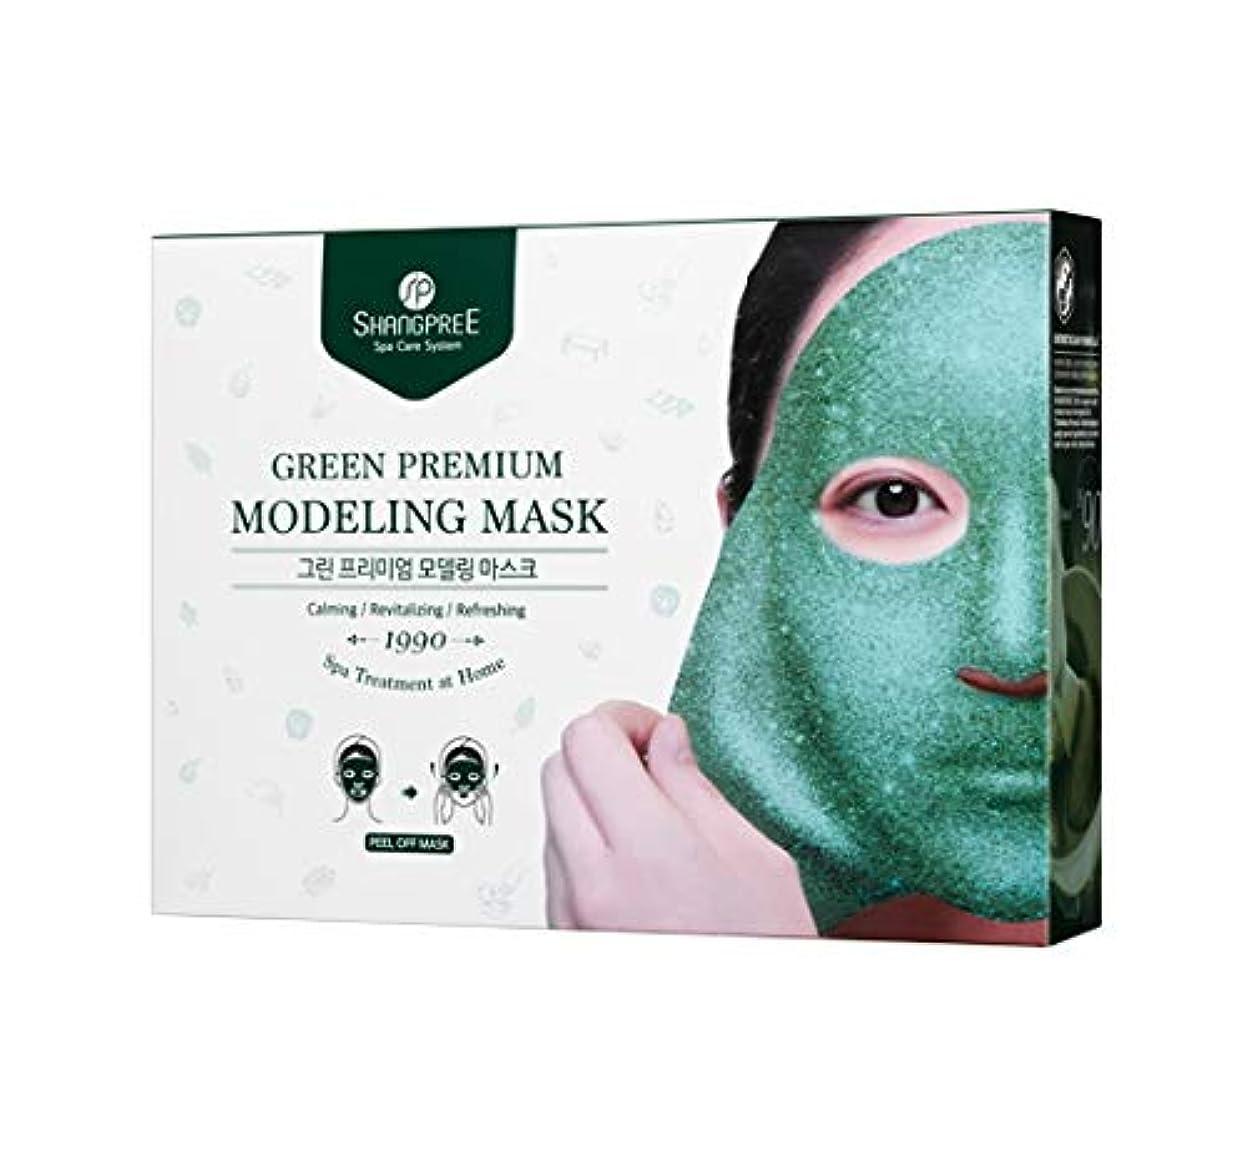 うめきフラップベルベットShangpree グリーンプレミアムモデリングマスク 5枚 Green premium modeling mask 5ea (並行輸入品)